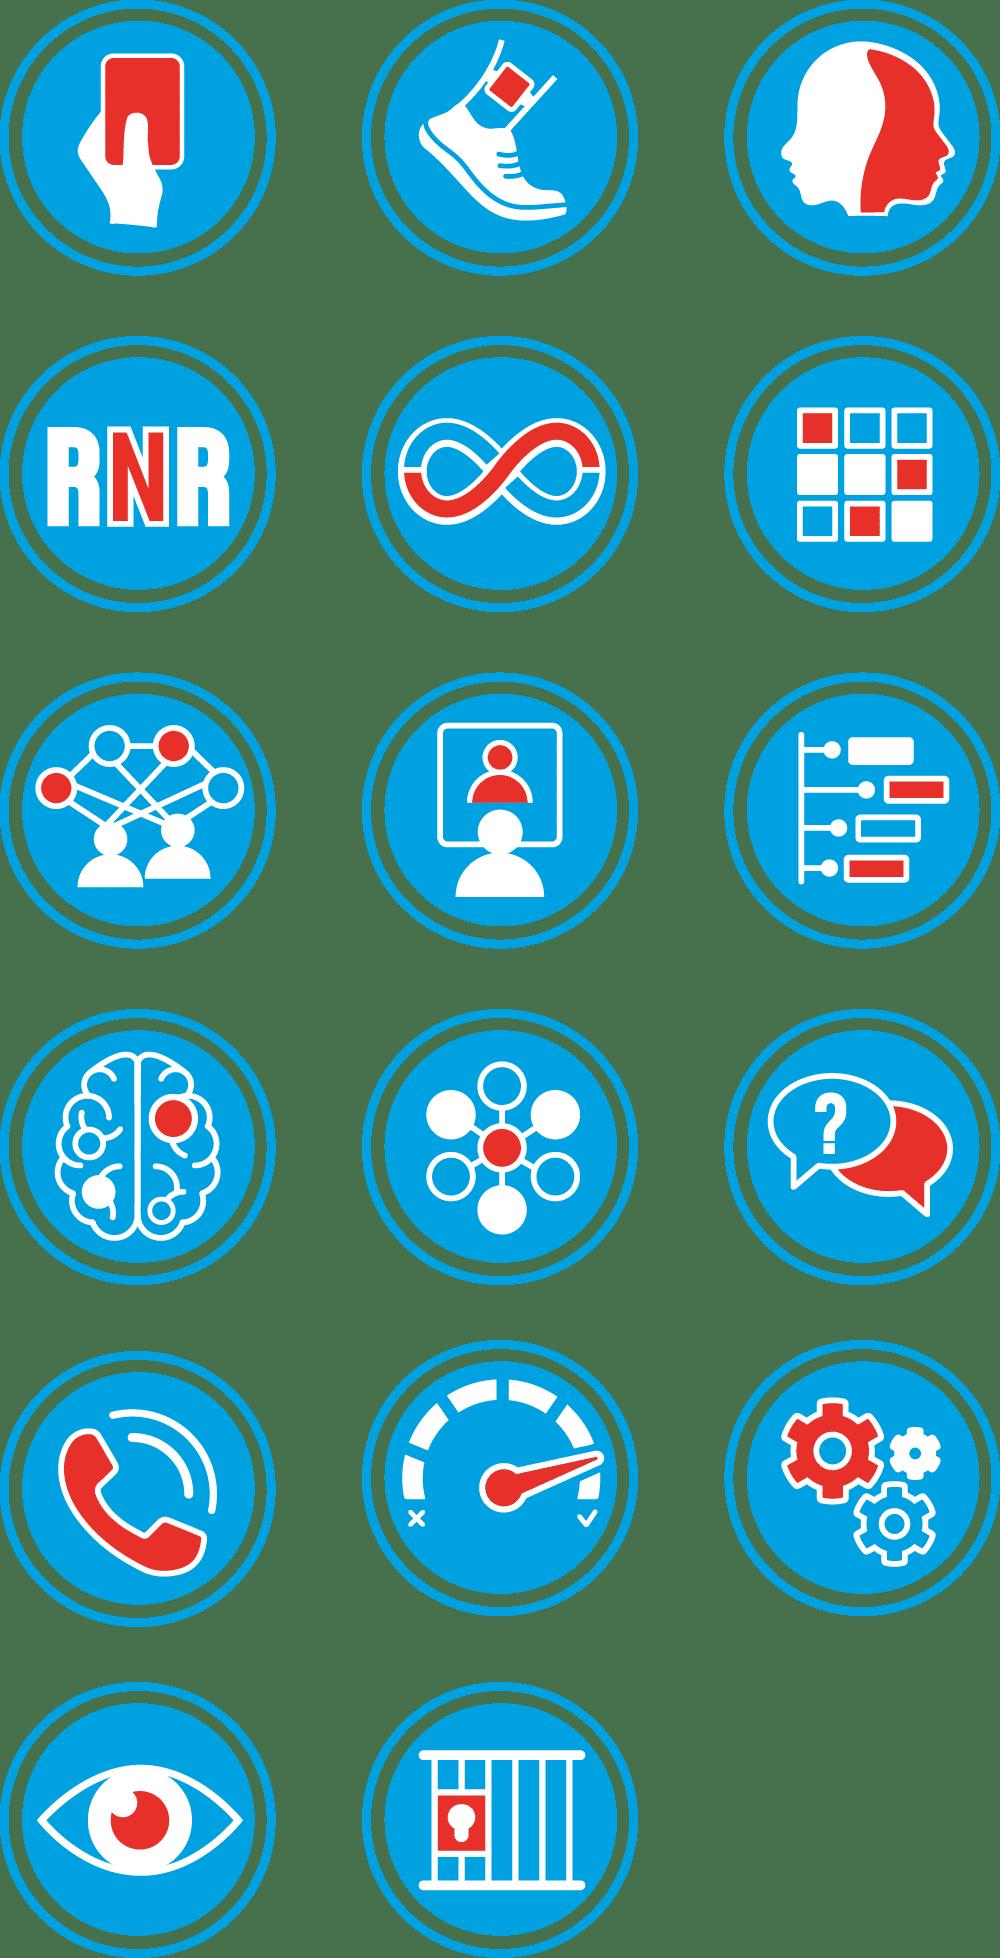 Iconen in huisstijl voor iPDF Hogeschool Utrecht